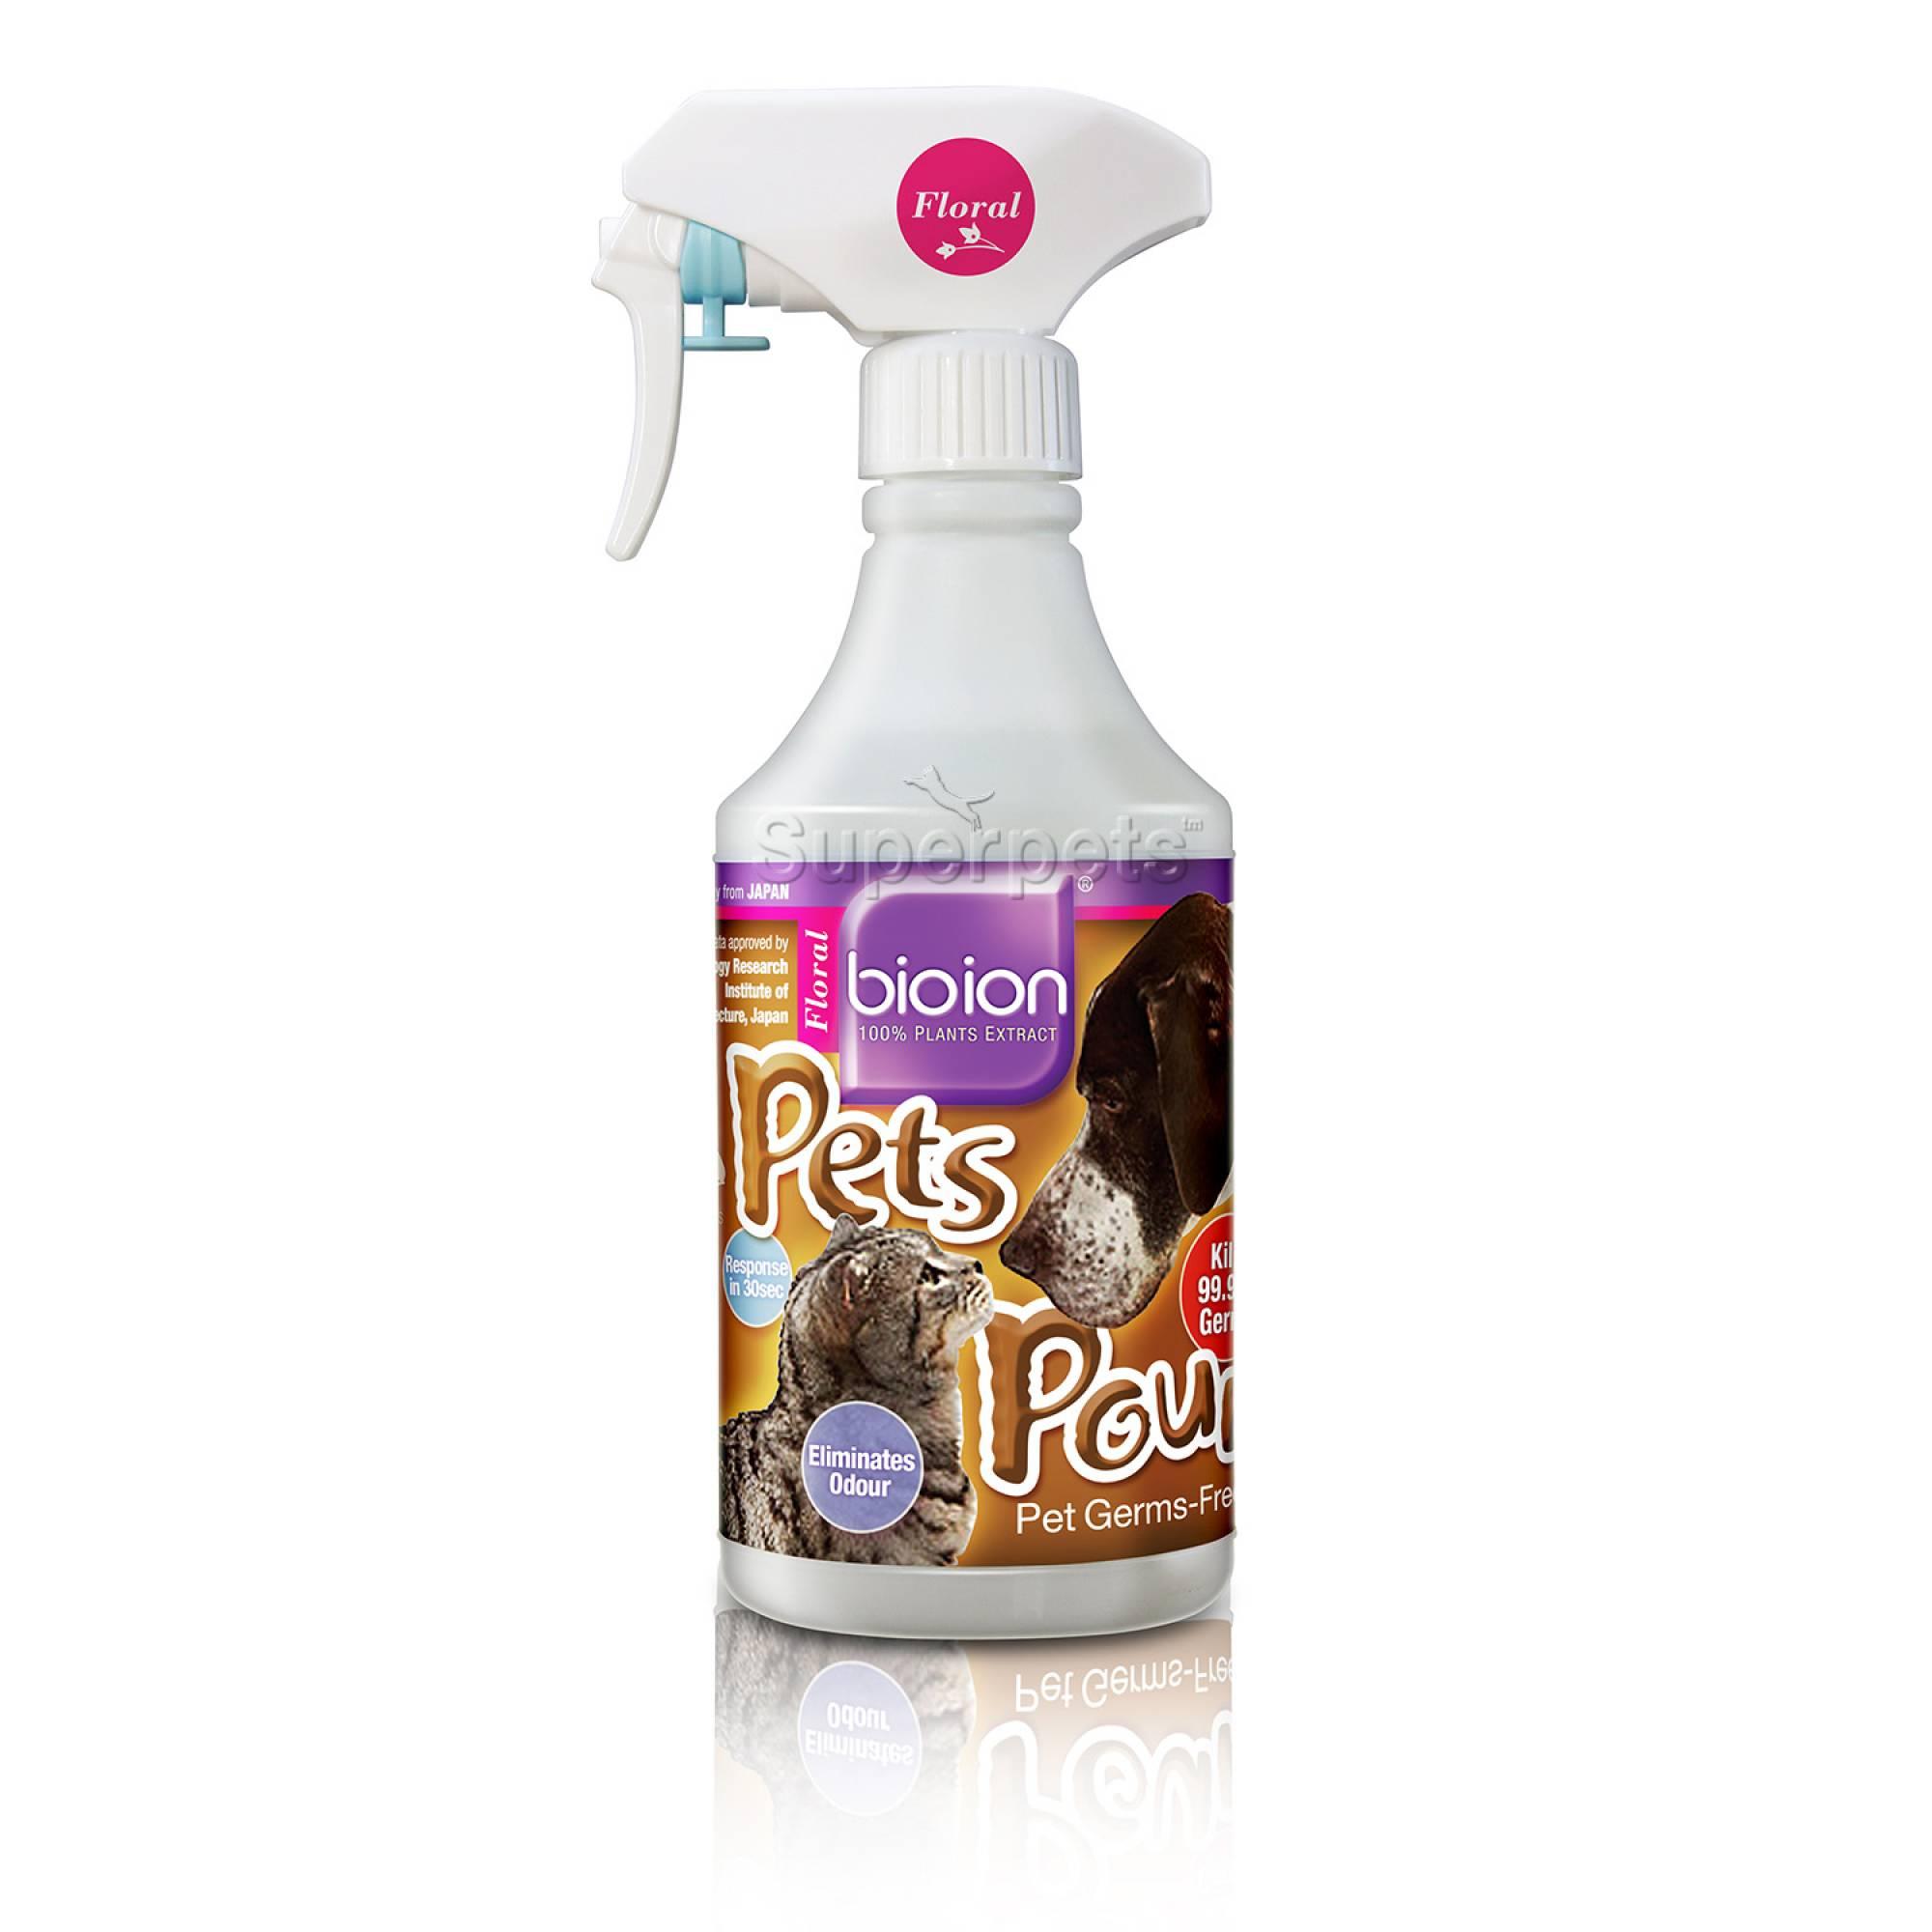 Bioion Pets Pounce Pets Sanitizer Flora 500ml